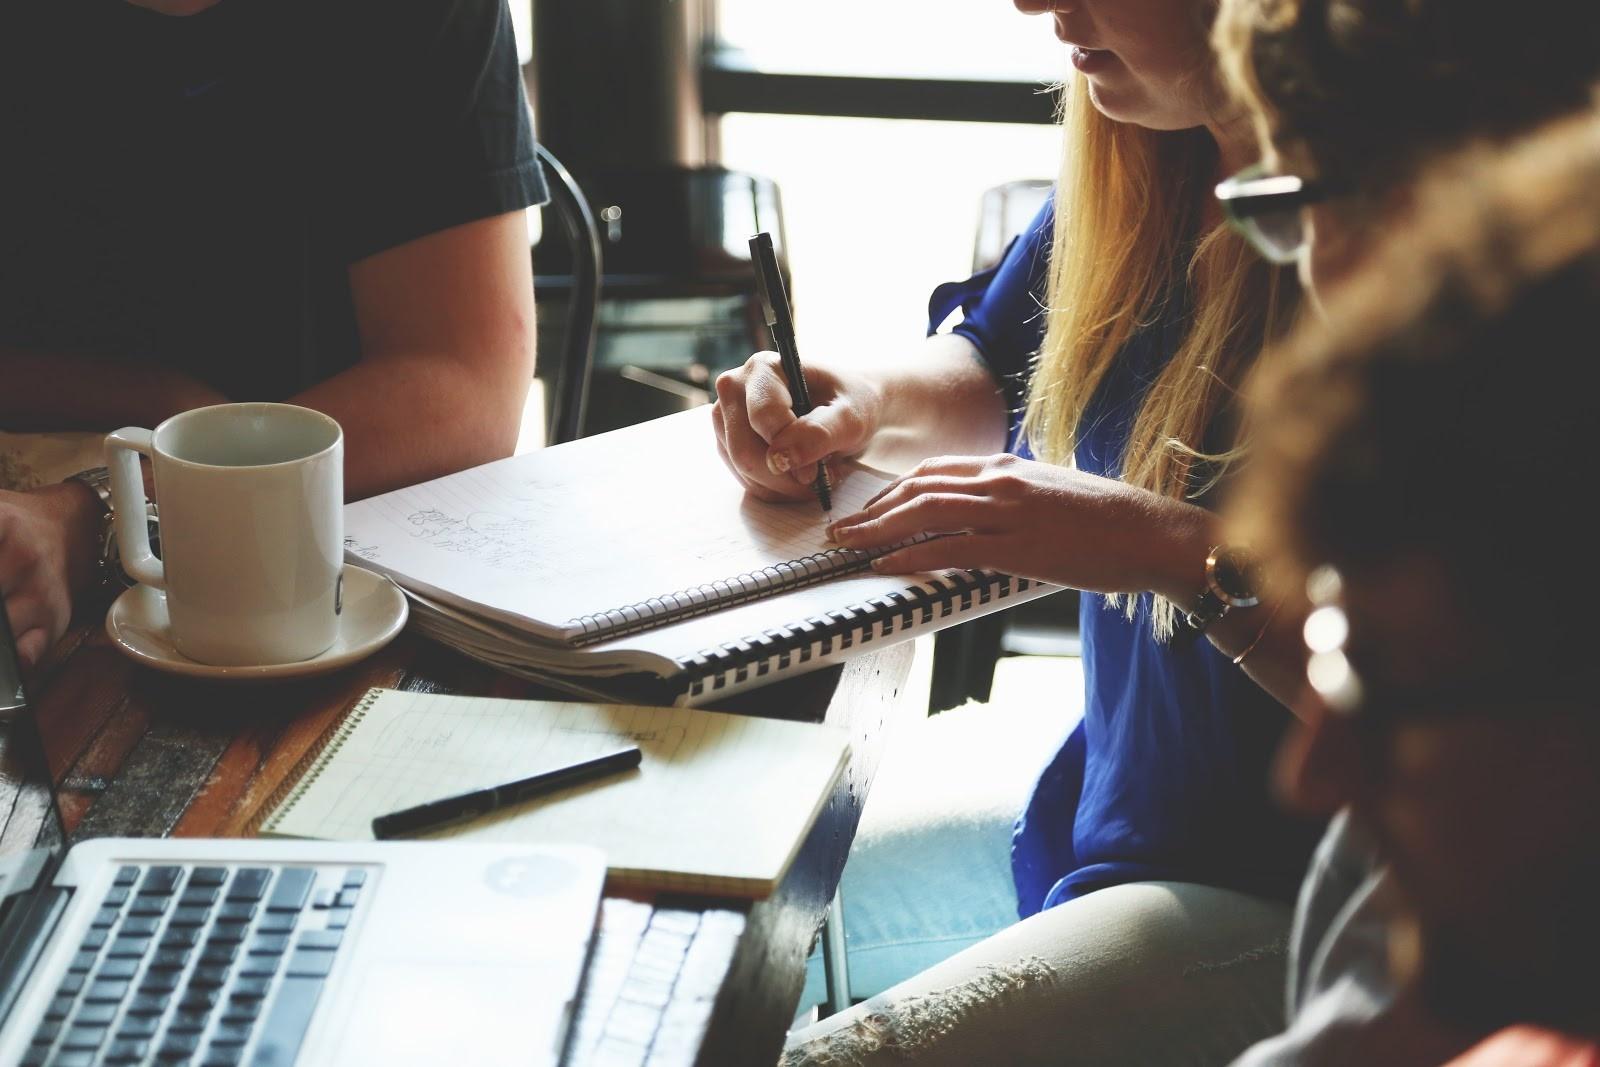 8 мифов об управлении услугами, которые всего лишь мифы: О внедрении, дороговизне и актуальности - 2